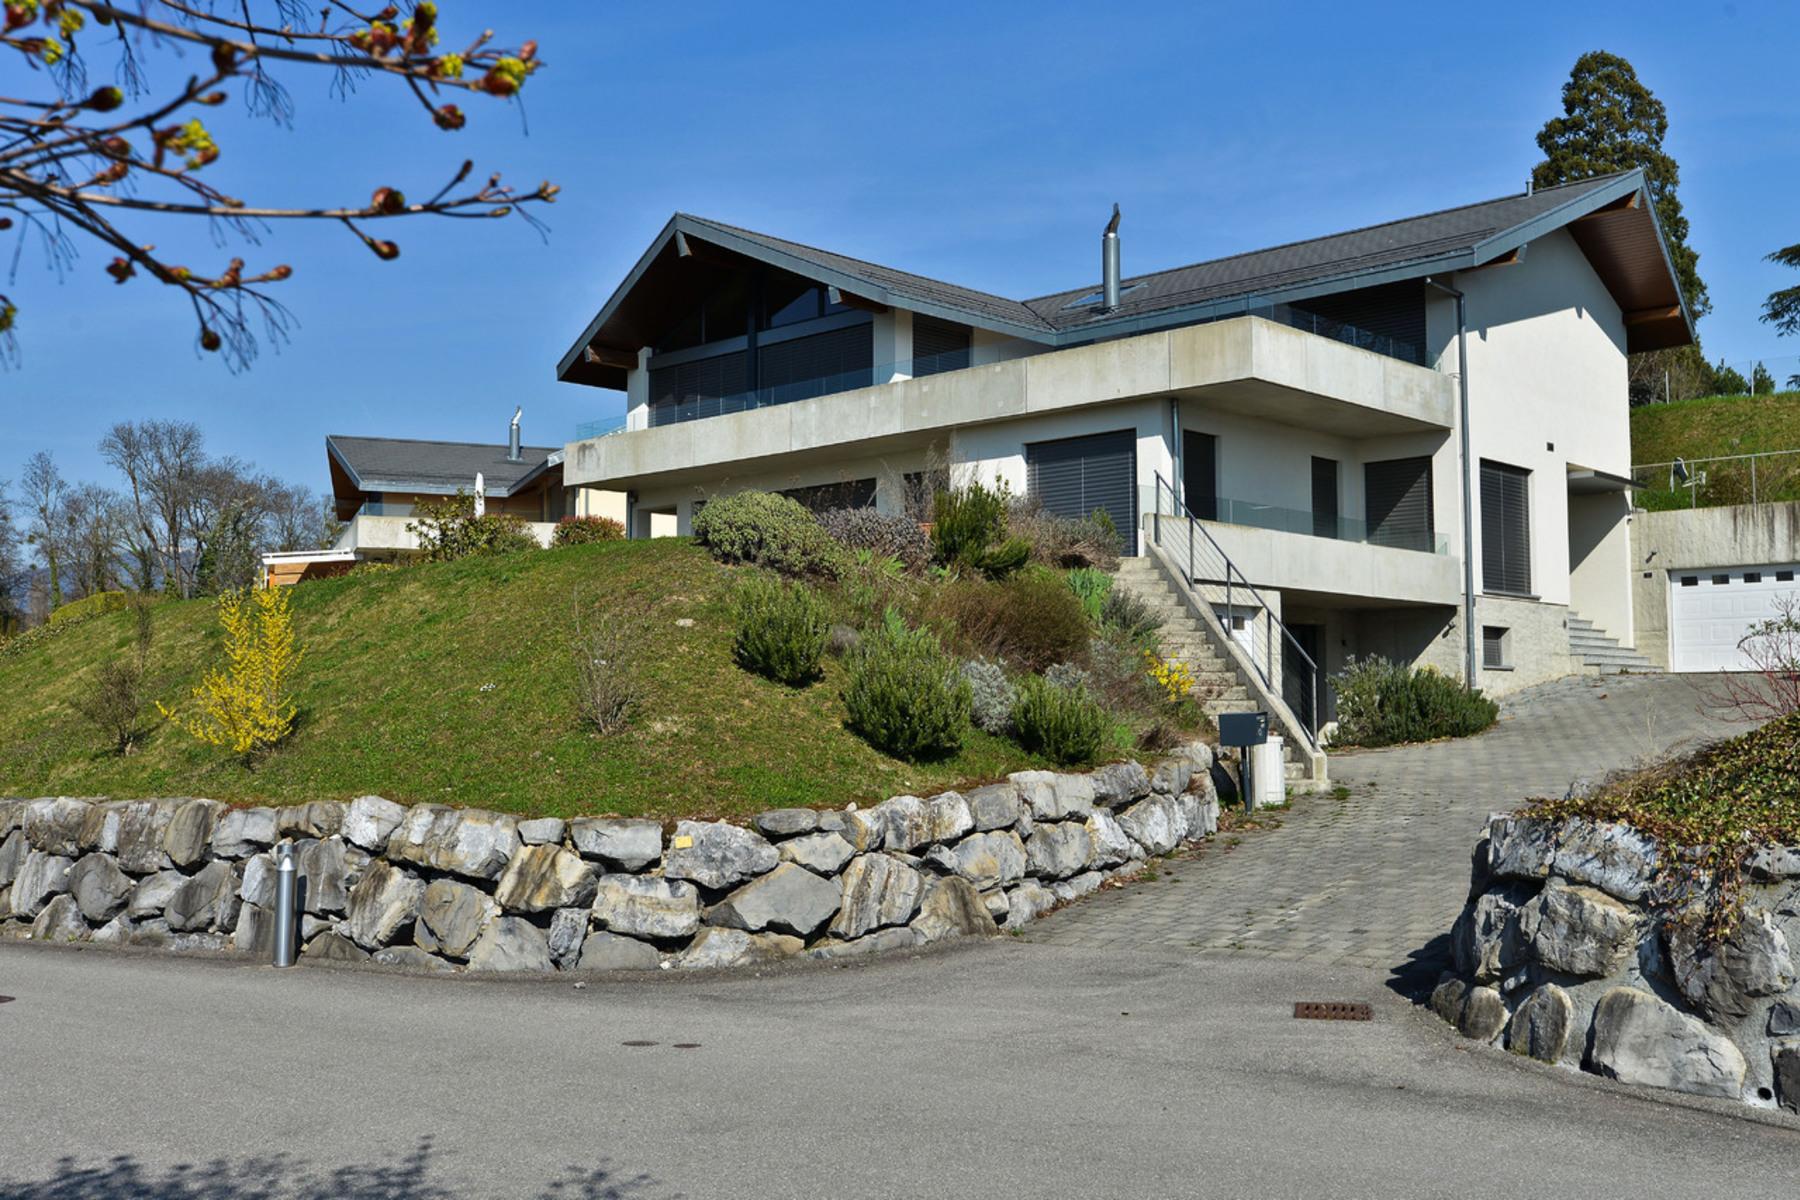 Casa Unifamiliar por un Venta en Exceptional villa with a living area of 450 sqm, unobstructed view of the lake St-Légier-La Chiésaz St Legier La Chiesaz, Vaud, 1806 Suiza